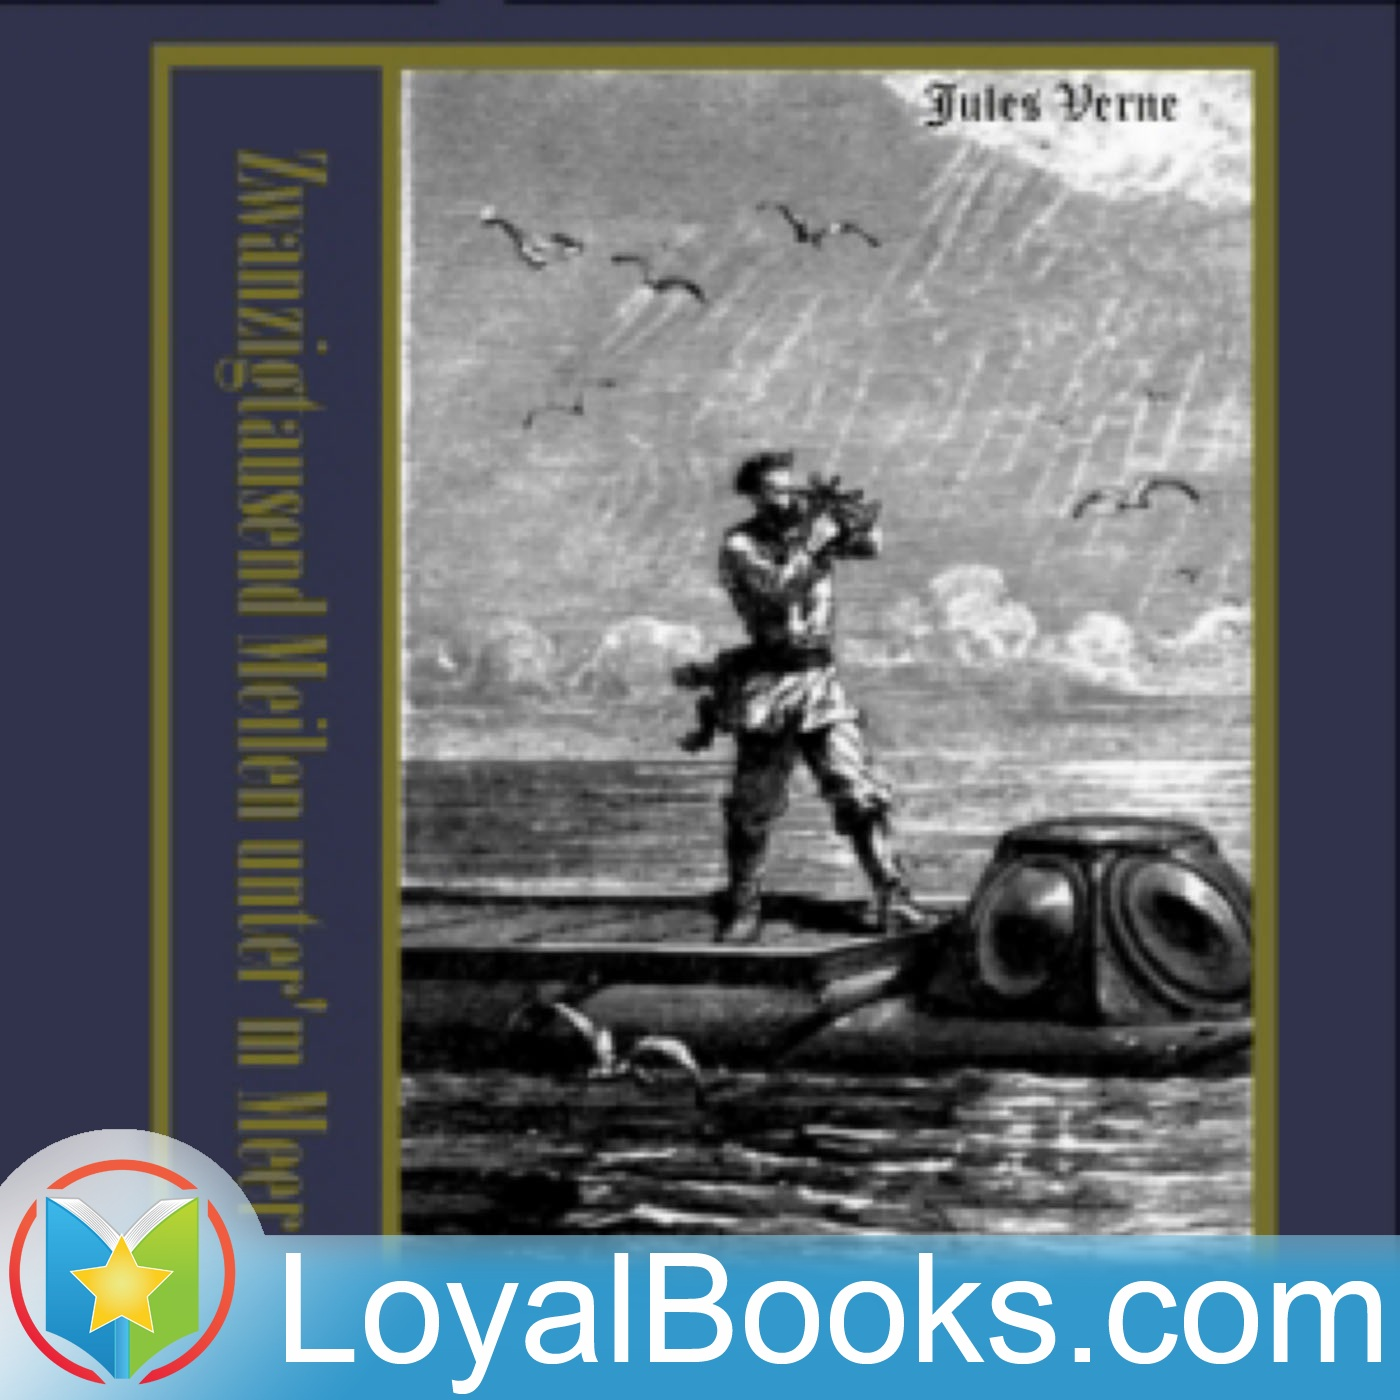 <![CDATA[Zwanzigtausend Meilen unter'm Meer by Jules Verne]]>